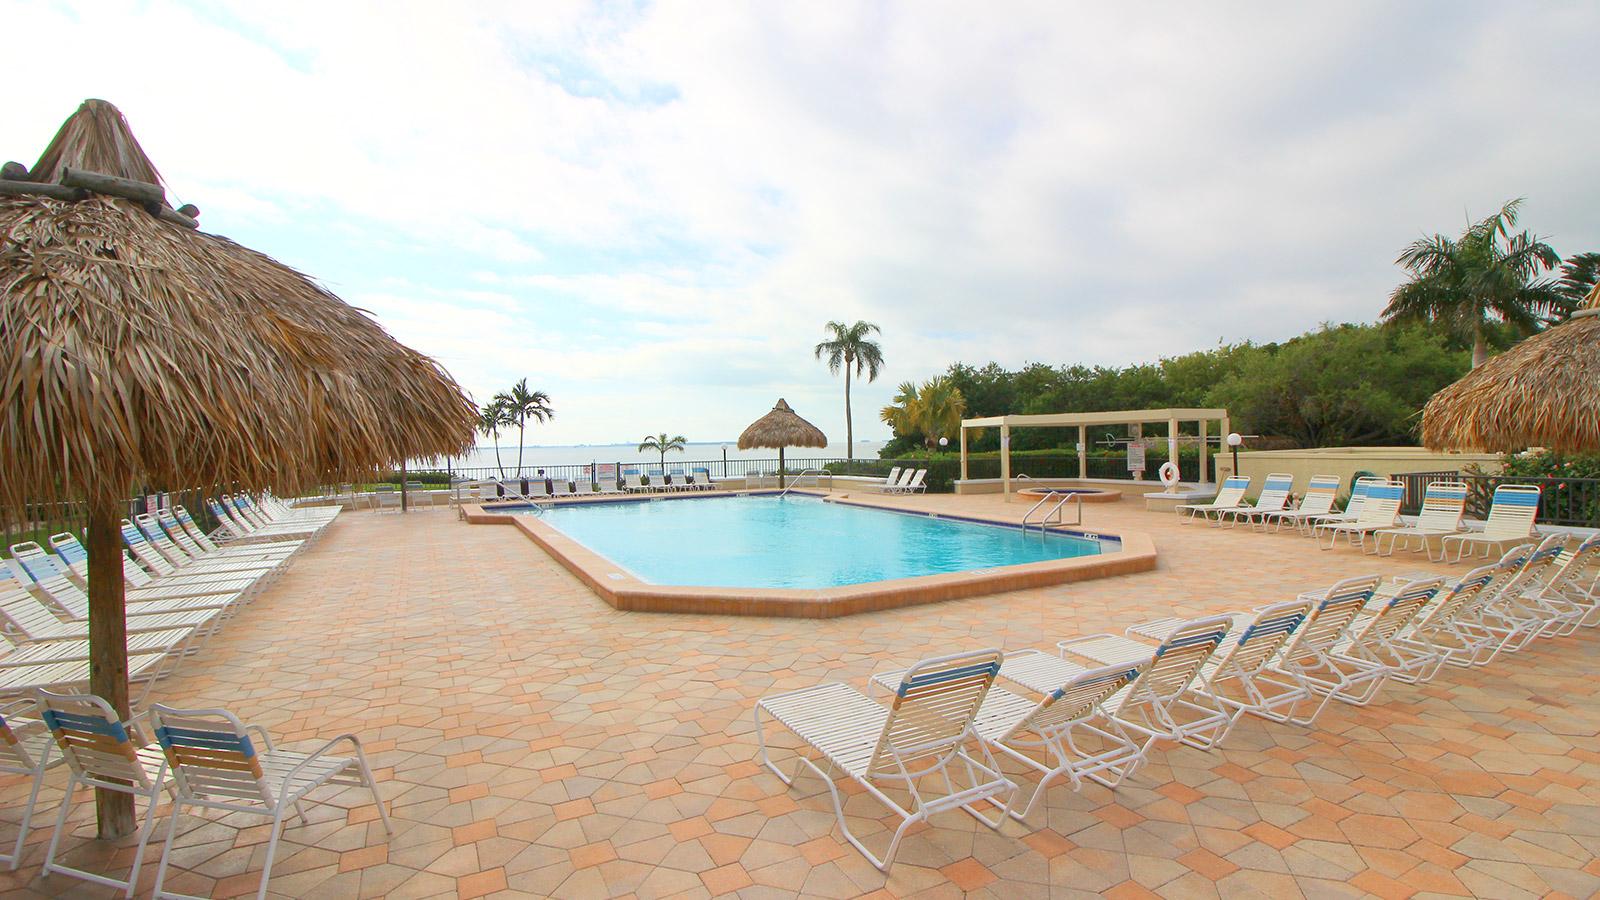 Florida Sun Vacation Rentals Palma Del Mar 311